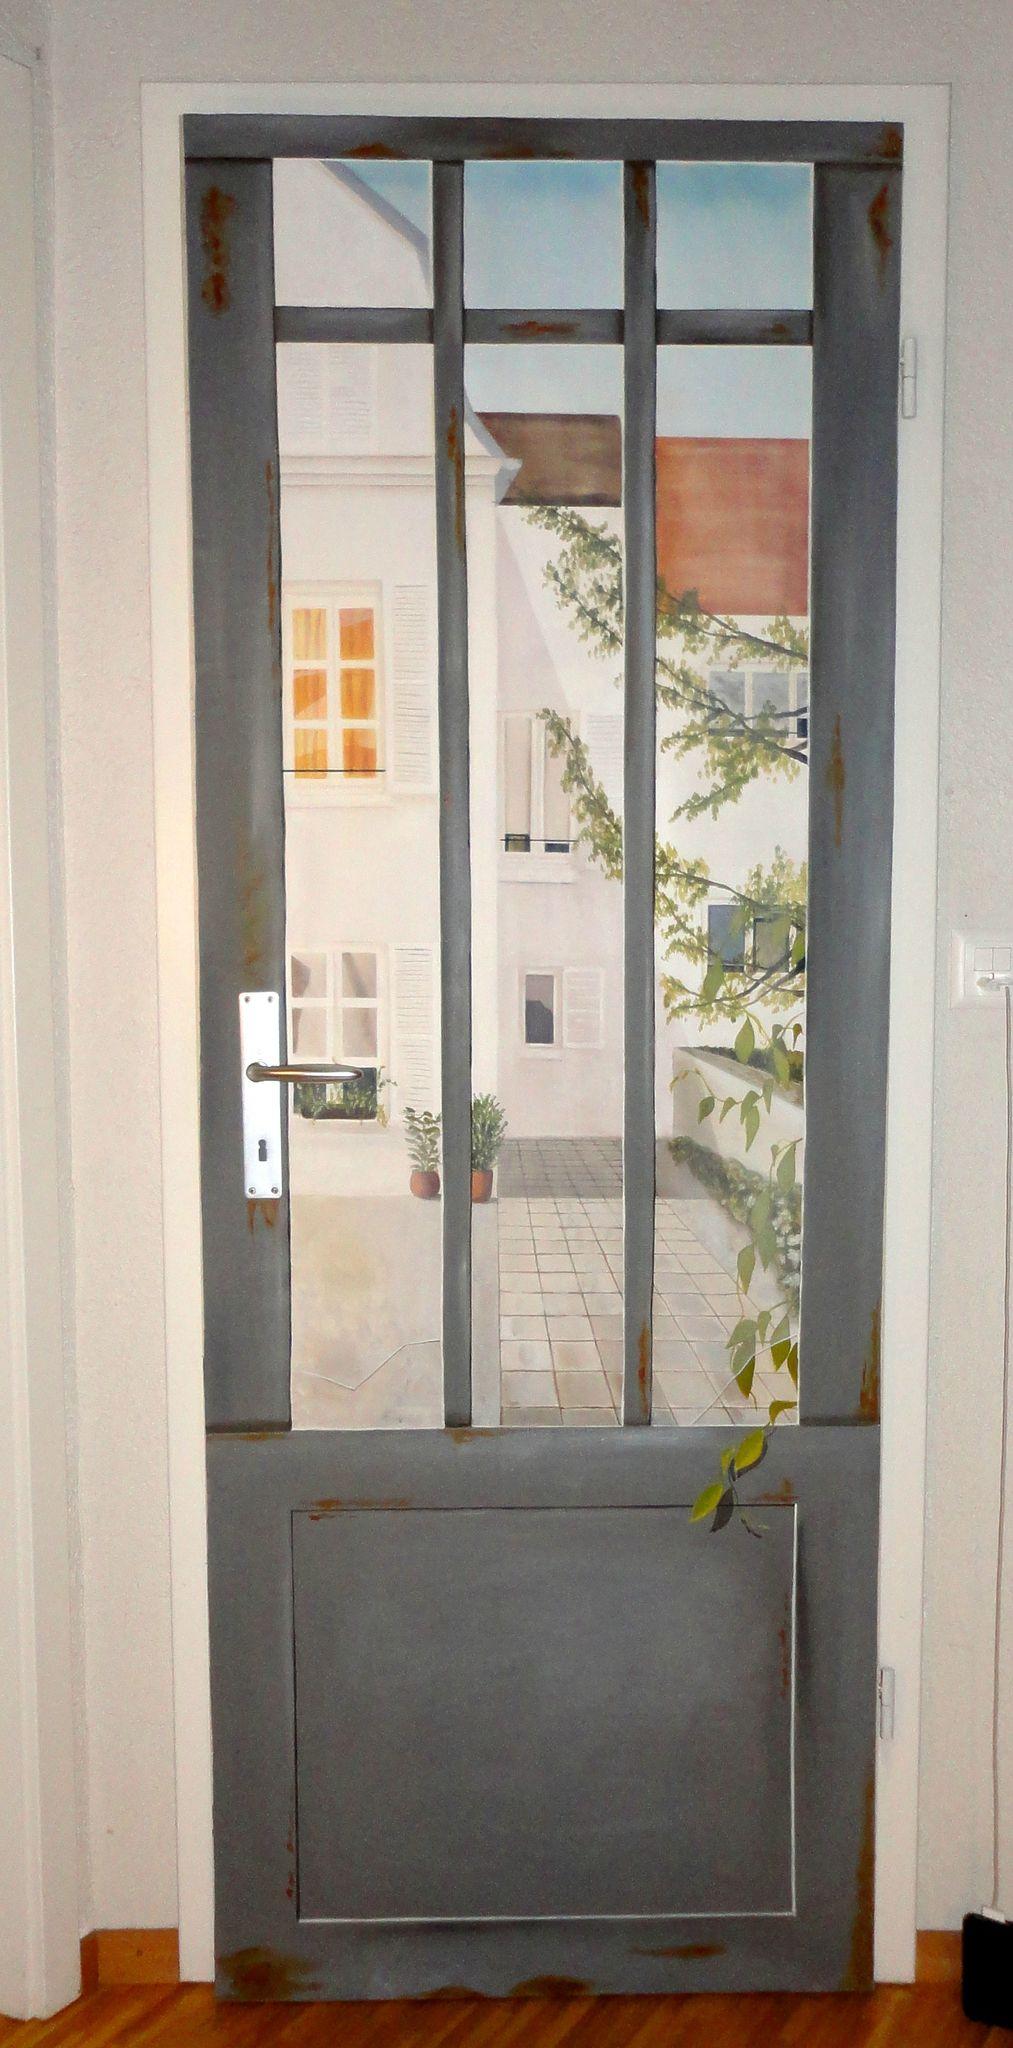 Sobre una puerta. Διακόσμηση τοίχου, Τοίχοι, Διακόσμηση